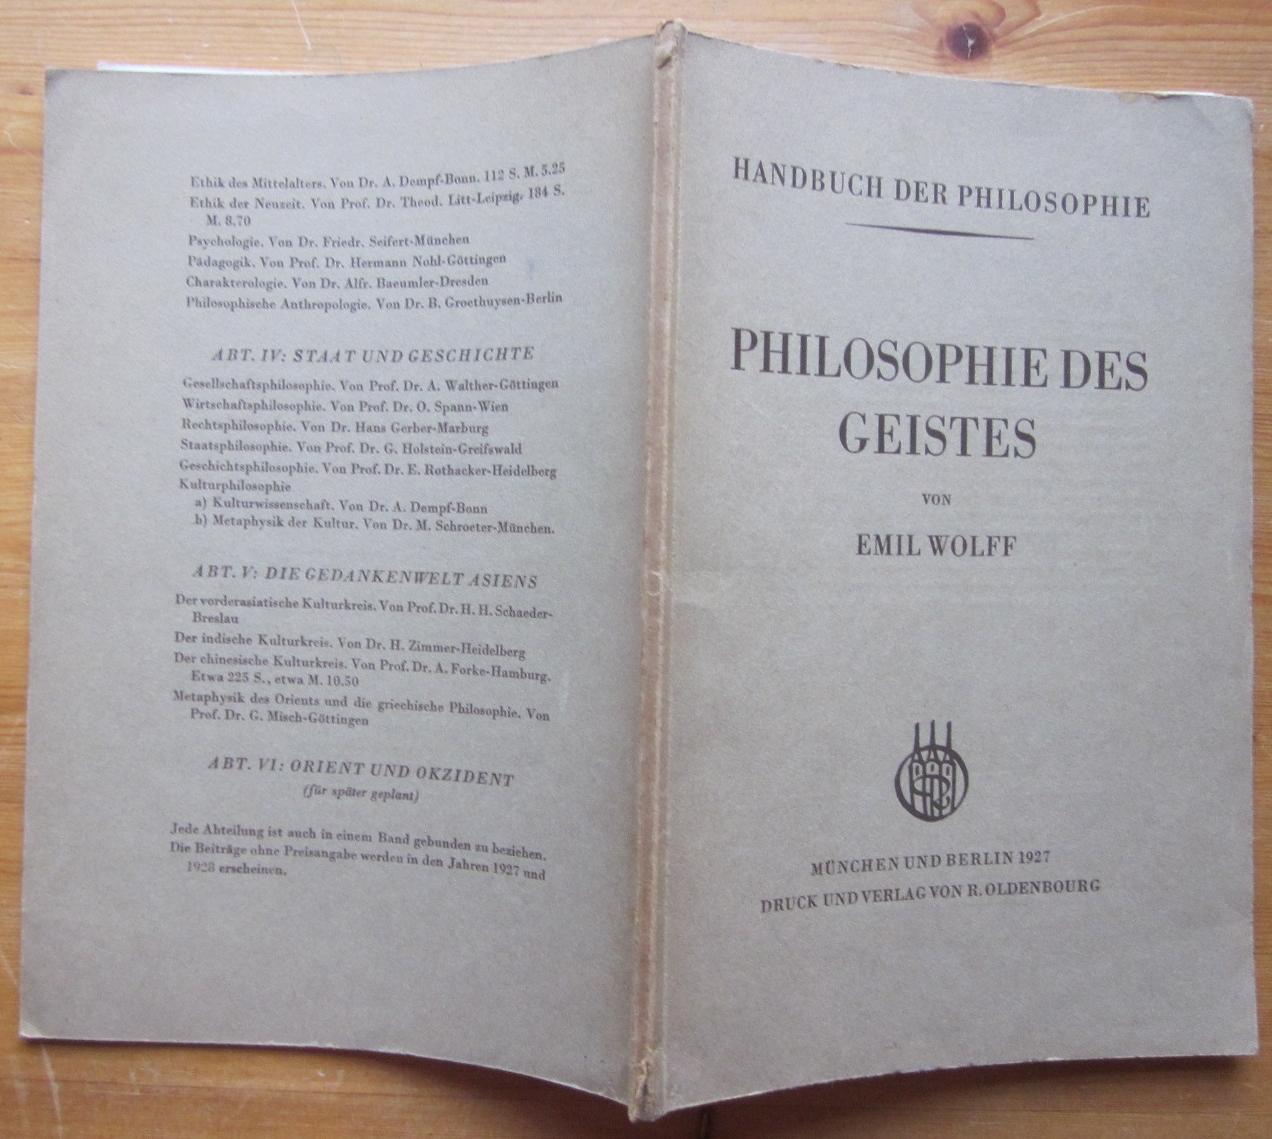 Philosophie des Geistes. Sonderausgabe aus dem Handbuch: Wolff, Emil: